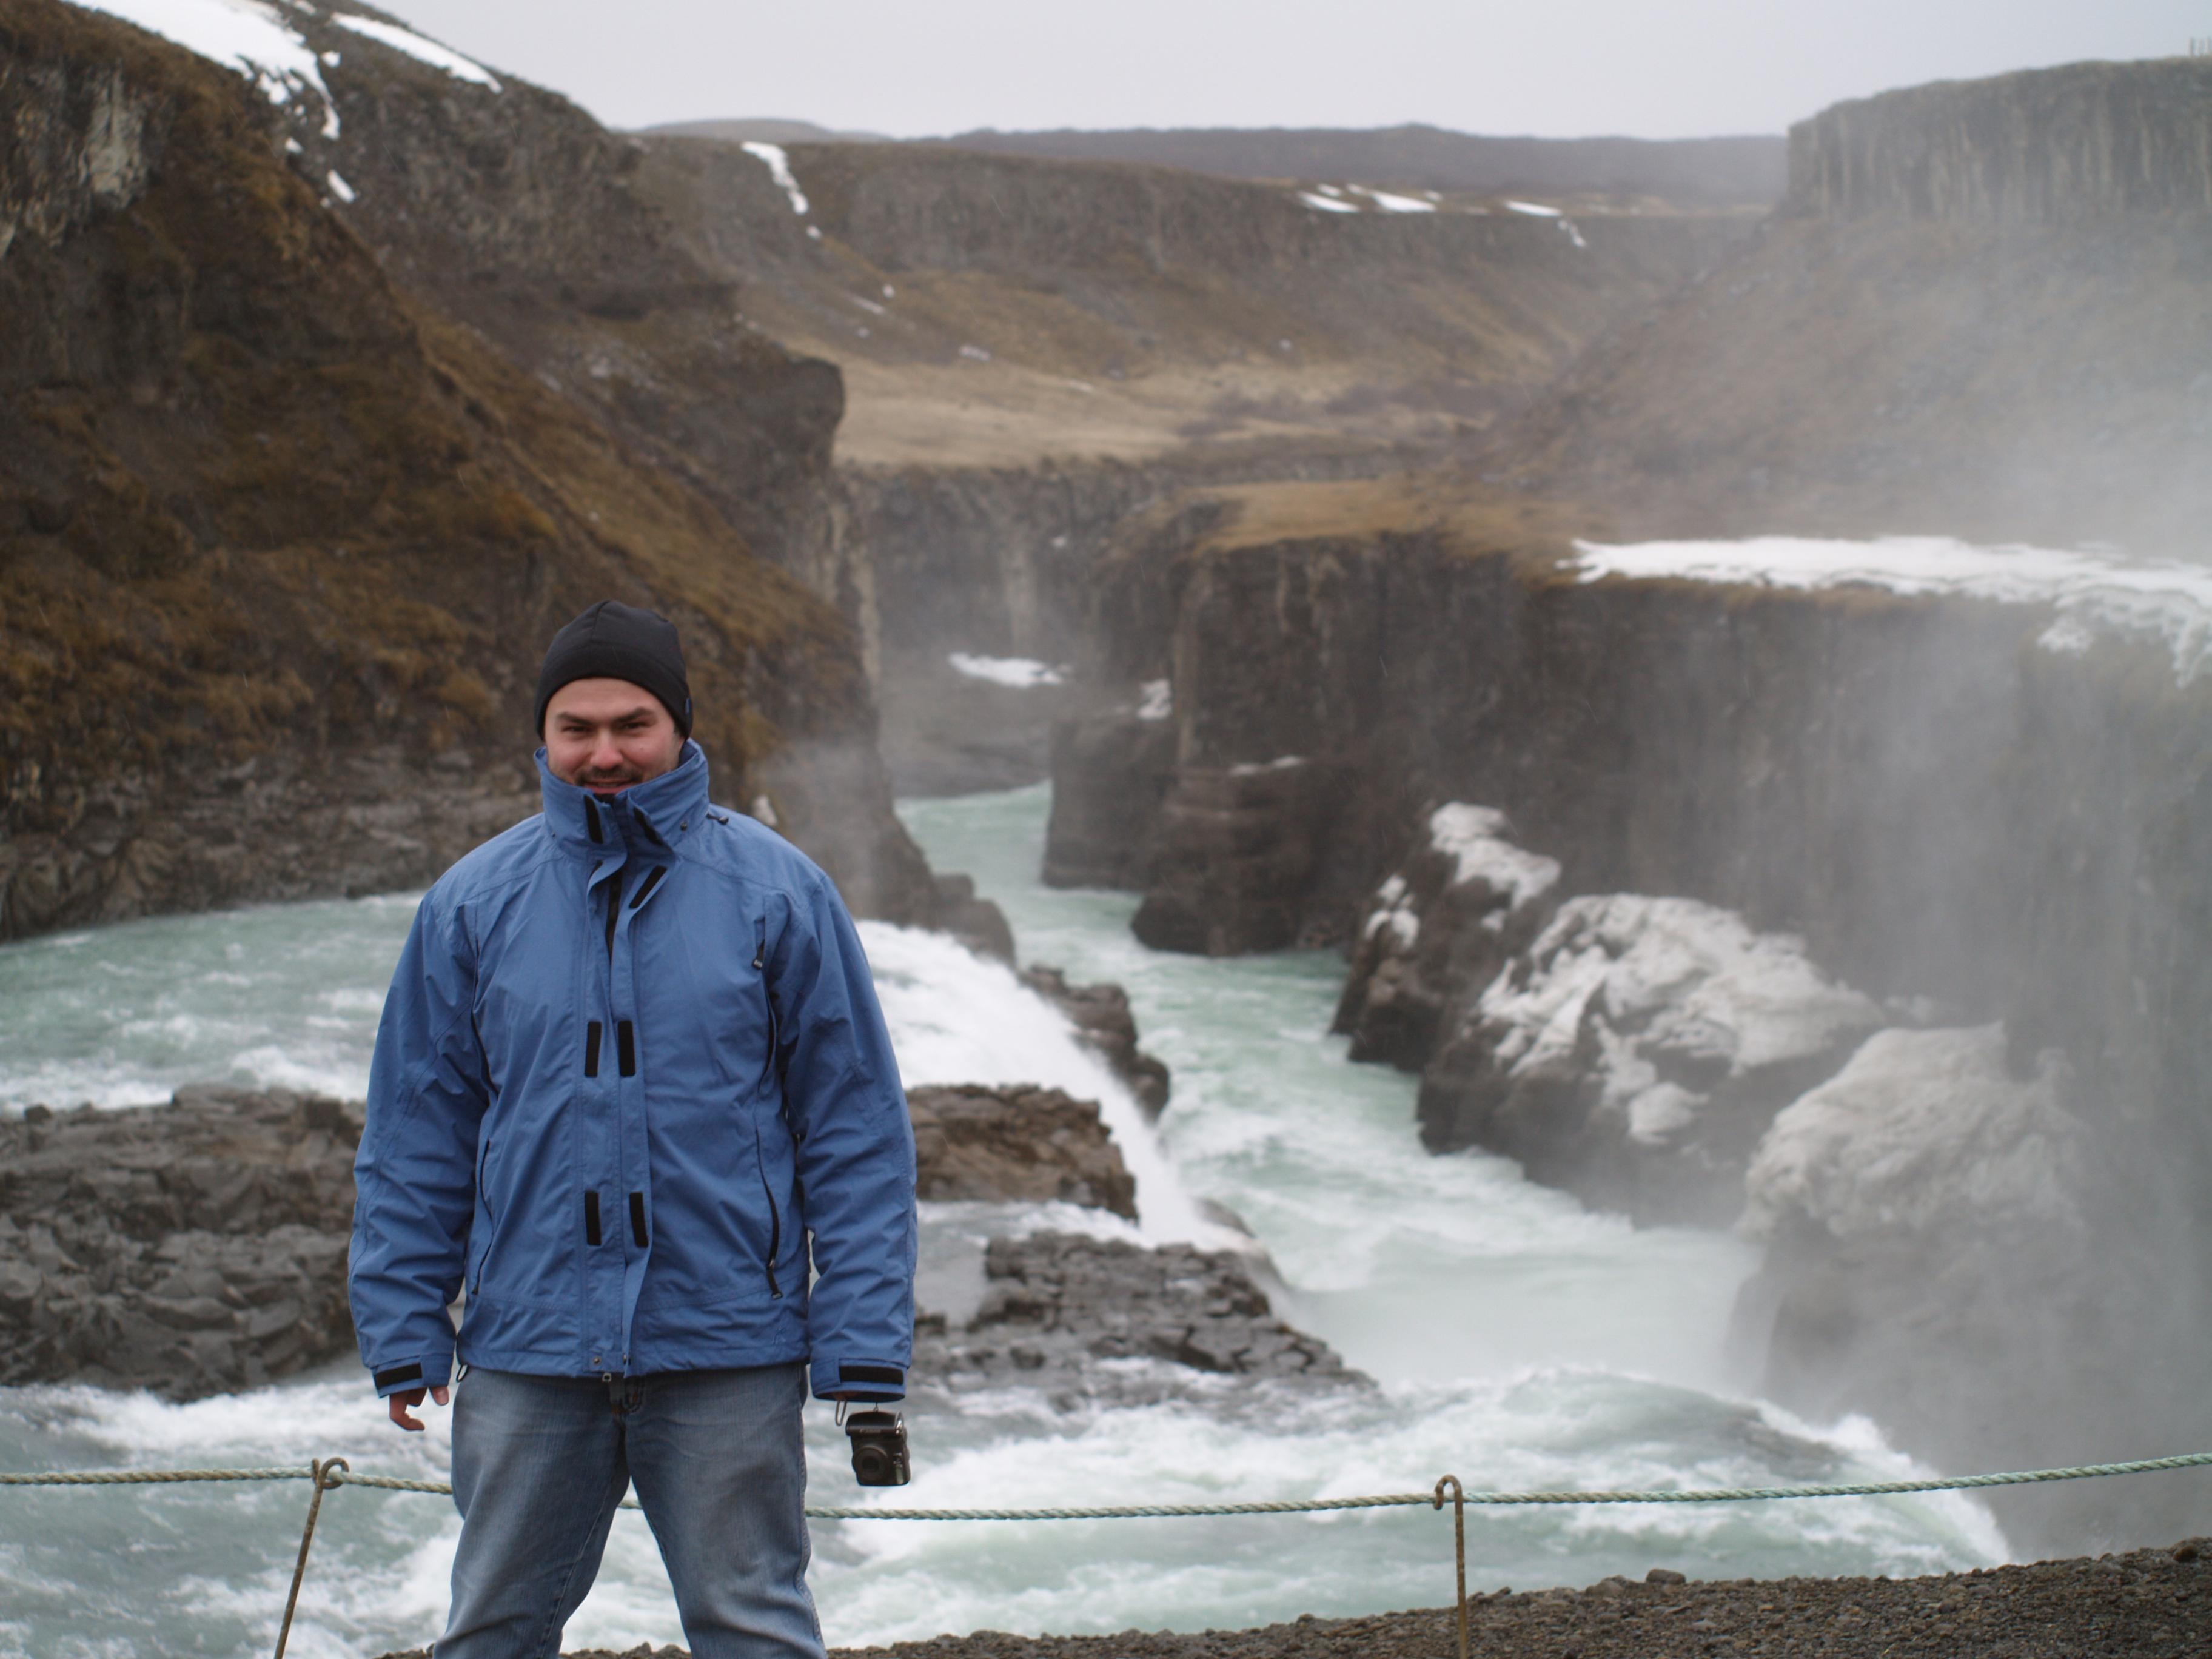 """Ebenso wie Komissar Kelchbrunner, den Protagonisten des neuen Romanes """"Unser aller Erbe"""", führte es Torsten Jäger nach Island. Foto: privat"""